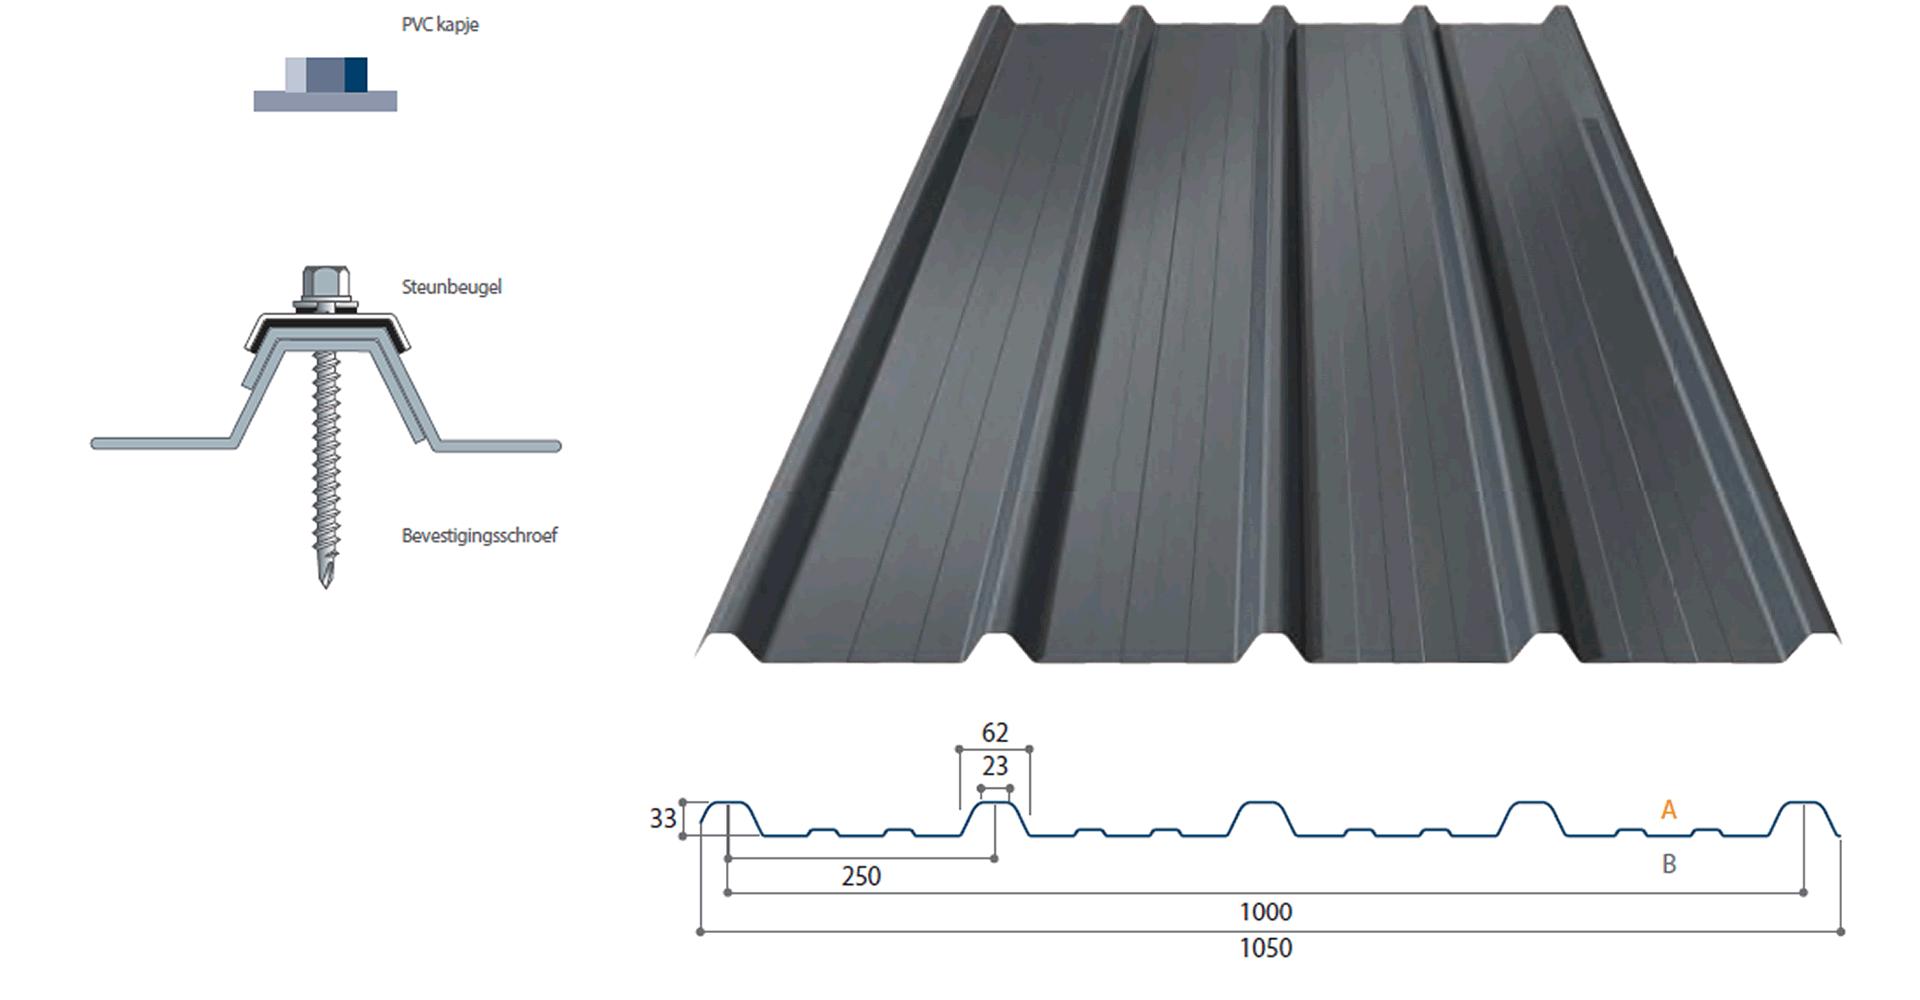 enkelwanige dakplaten kopen